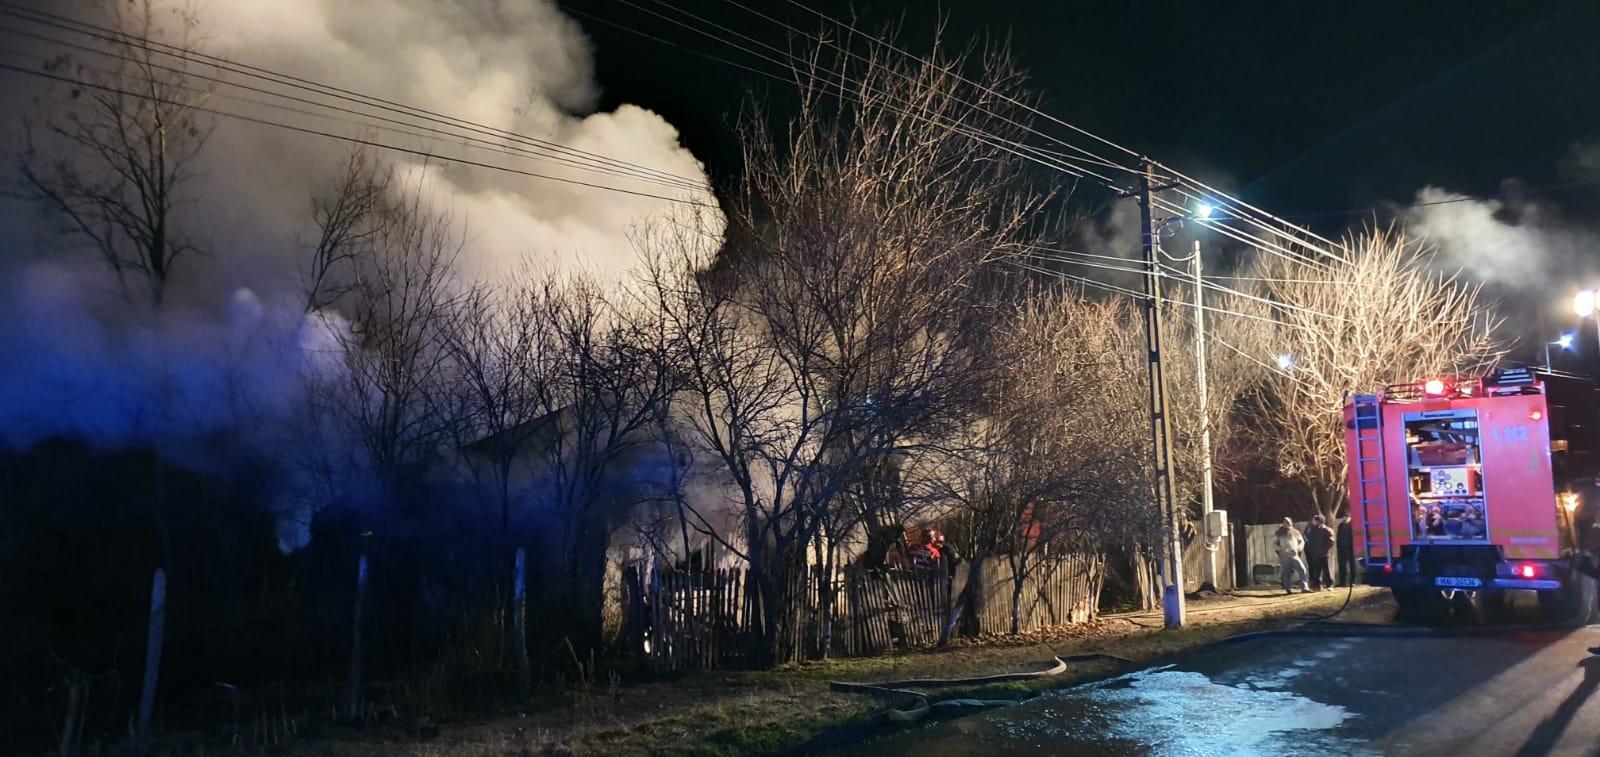 Incendiu puternic, într-un apartament din Alexandria. 50 de persoane, din blocul cuprins de fl?c?ri, s-au evacuat